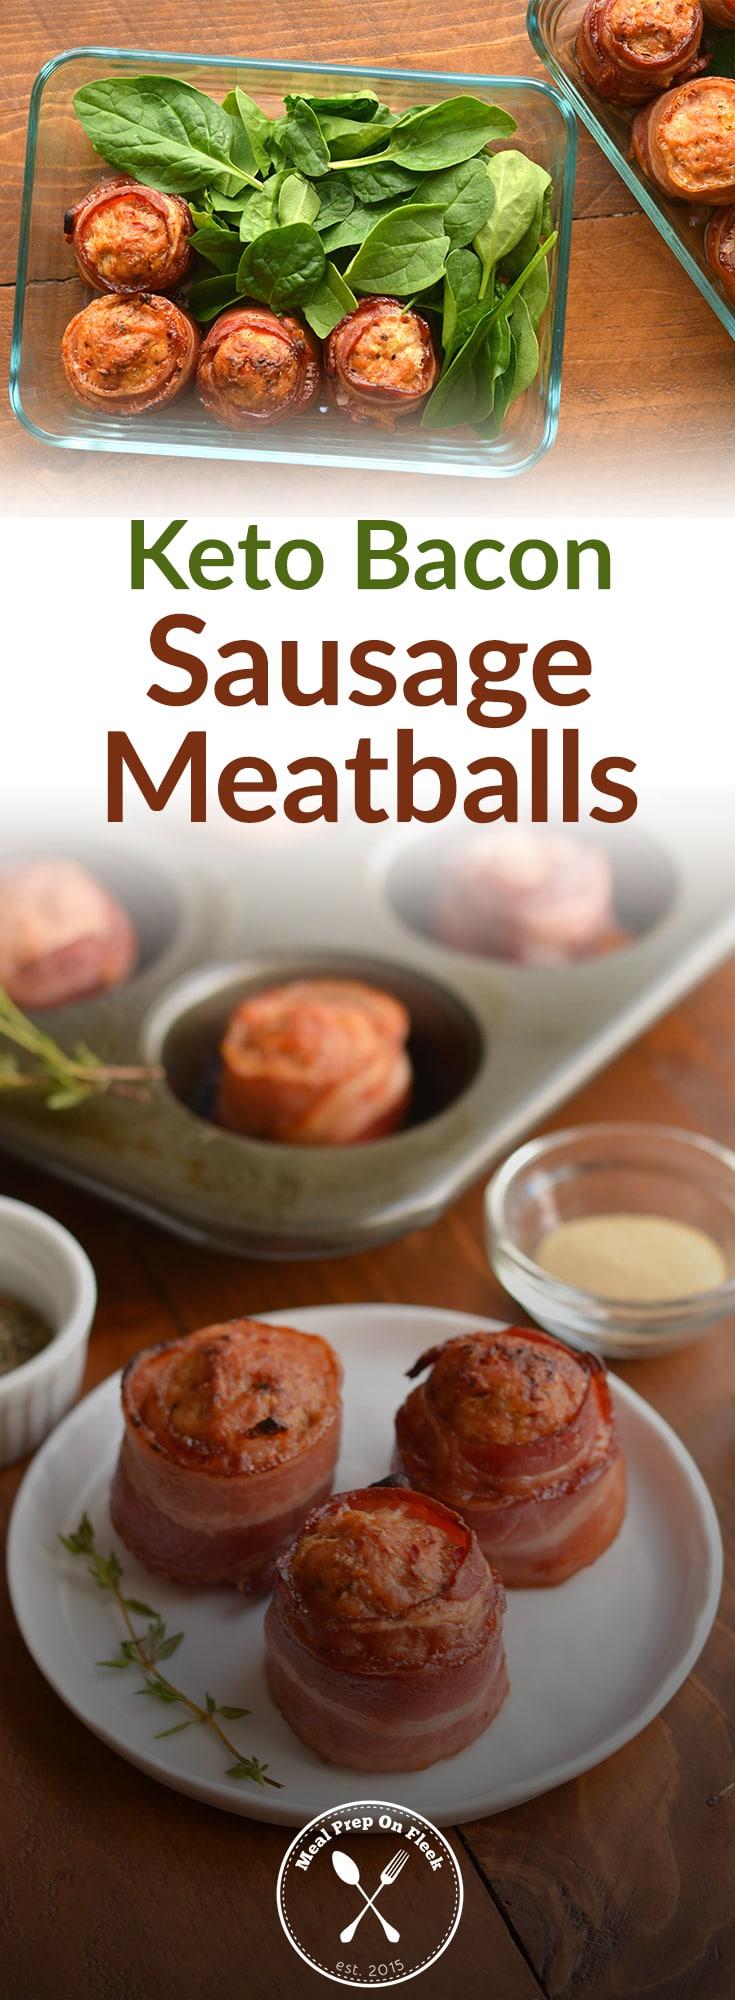 Keto Bacon Sausage Meatballs Recipe